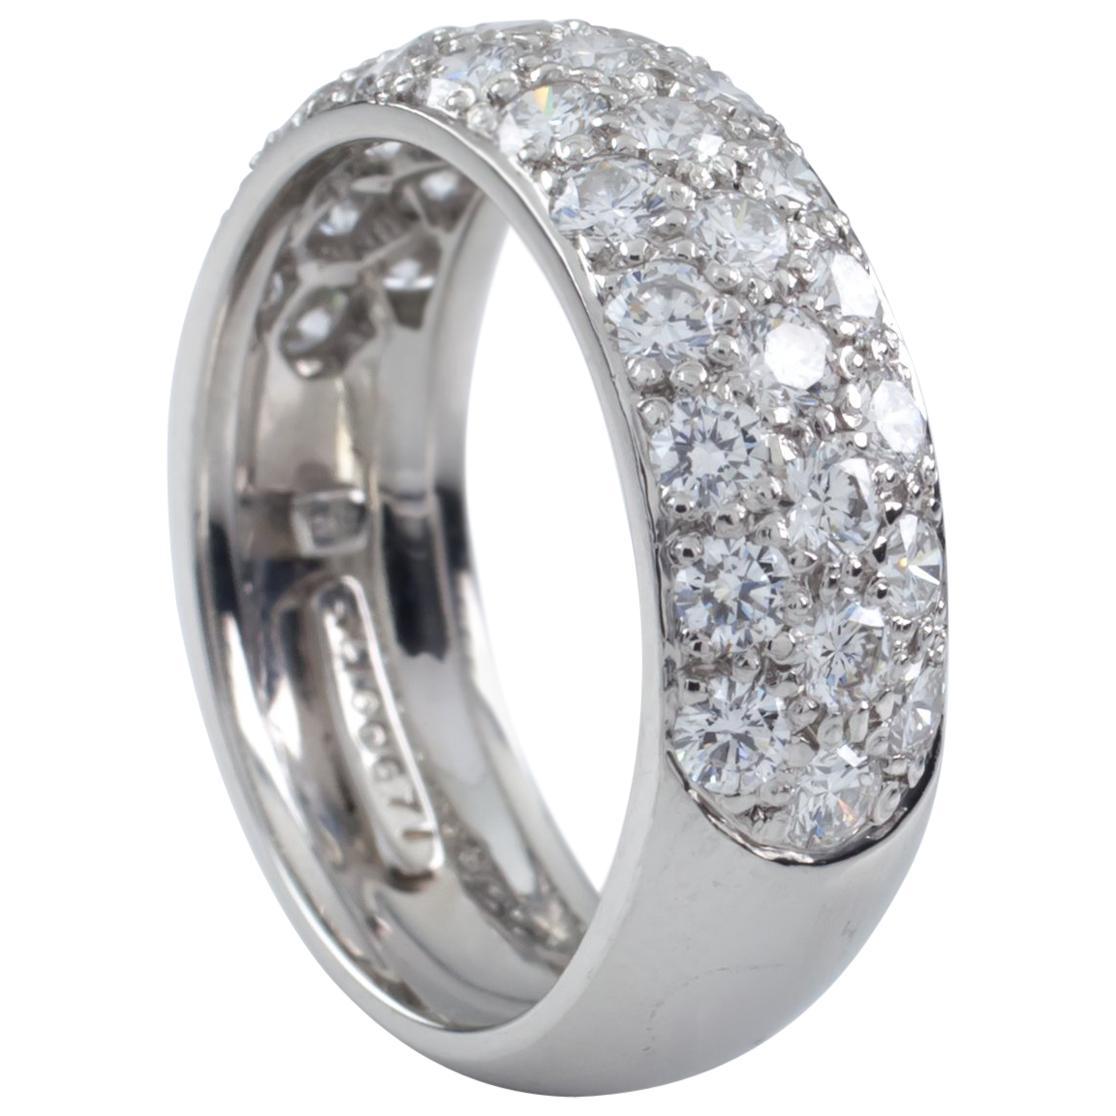 Harry Winston Platinum 3-Row Pave Diamond Wedding Band Gorgeous